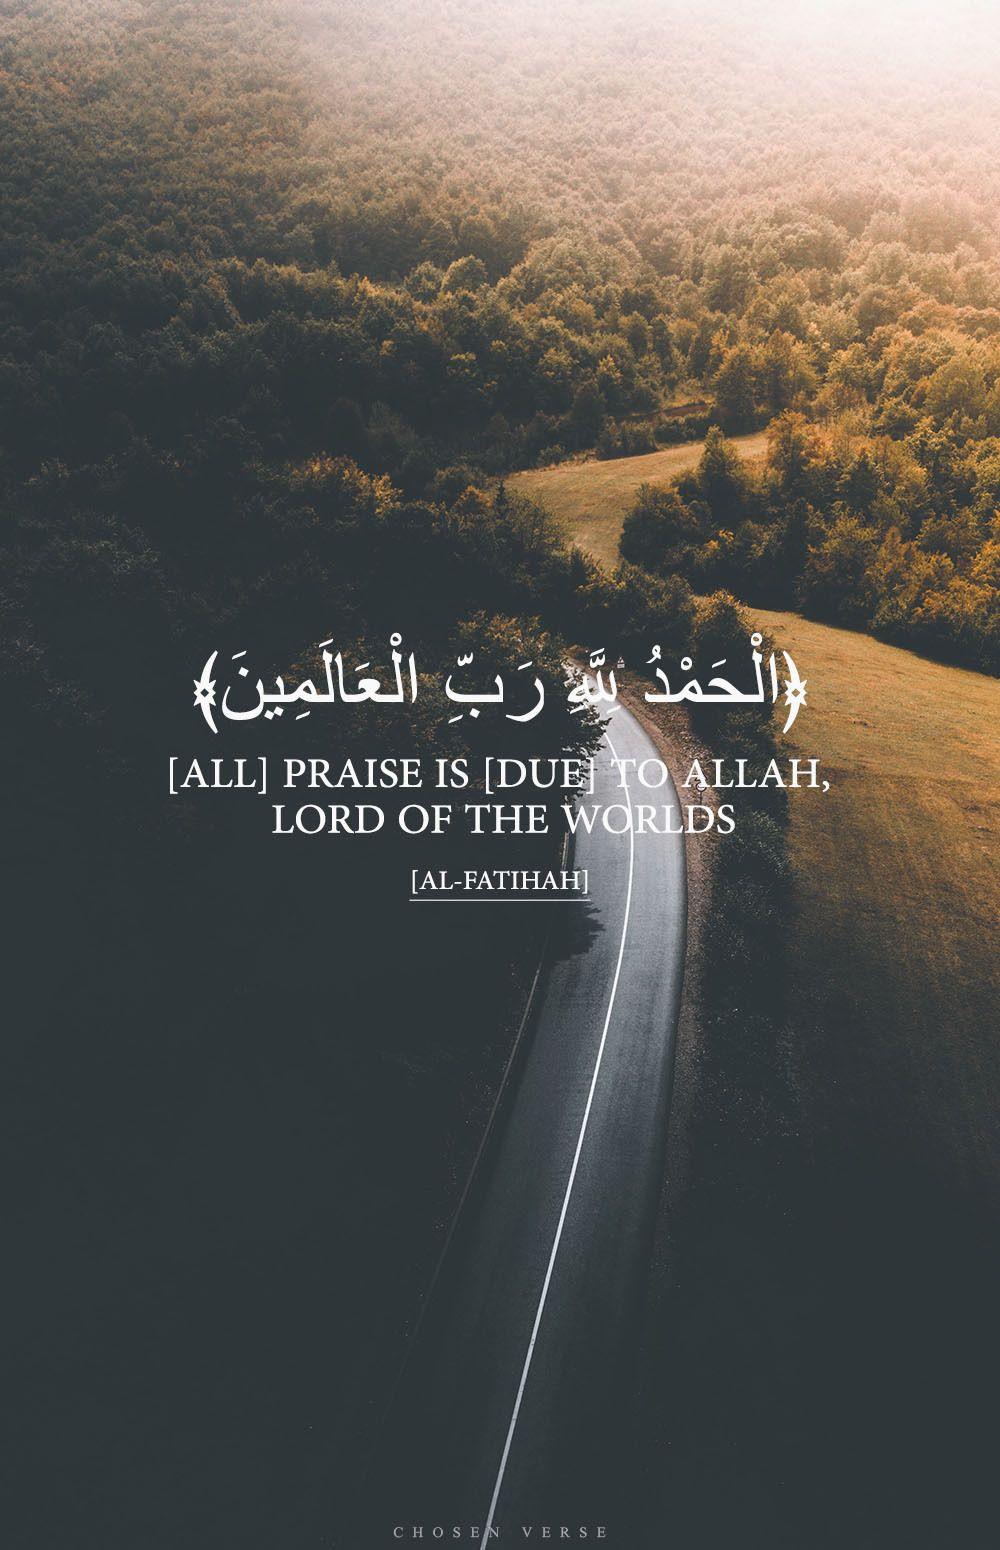 ال ح م د ل ل ه هو الثناء على الله بصفات الكمال وبأفعاله الدائرة بين الفضل والعدل فله الحمد الكام Quran Quotes Islamic Quotes Quran Quran Quotes Love